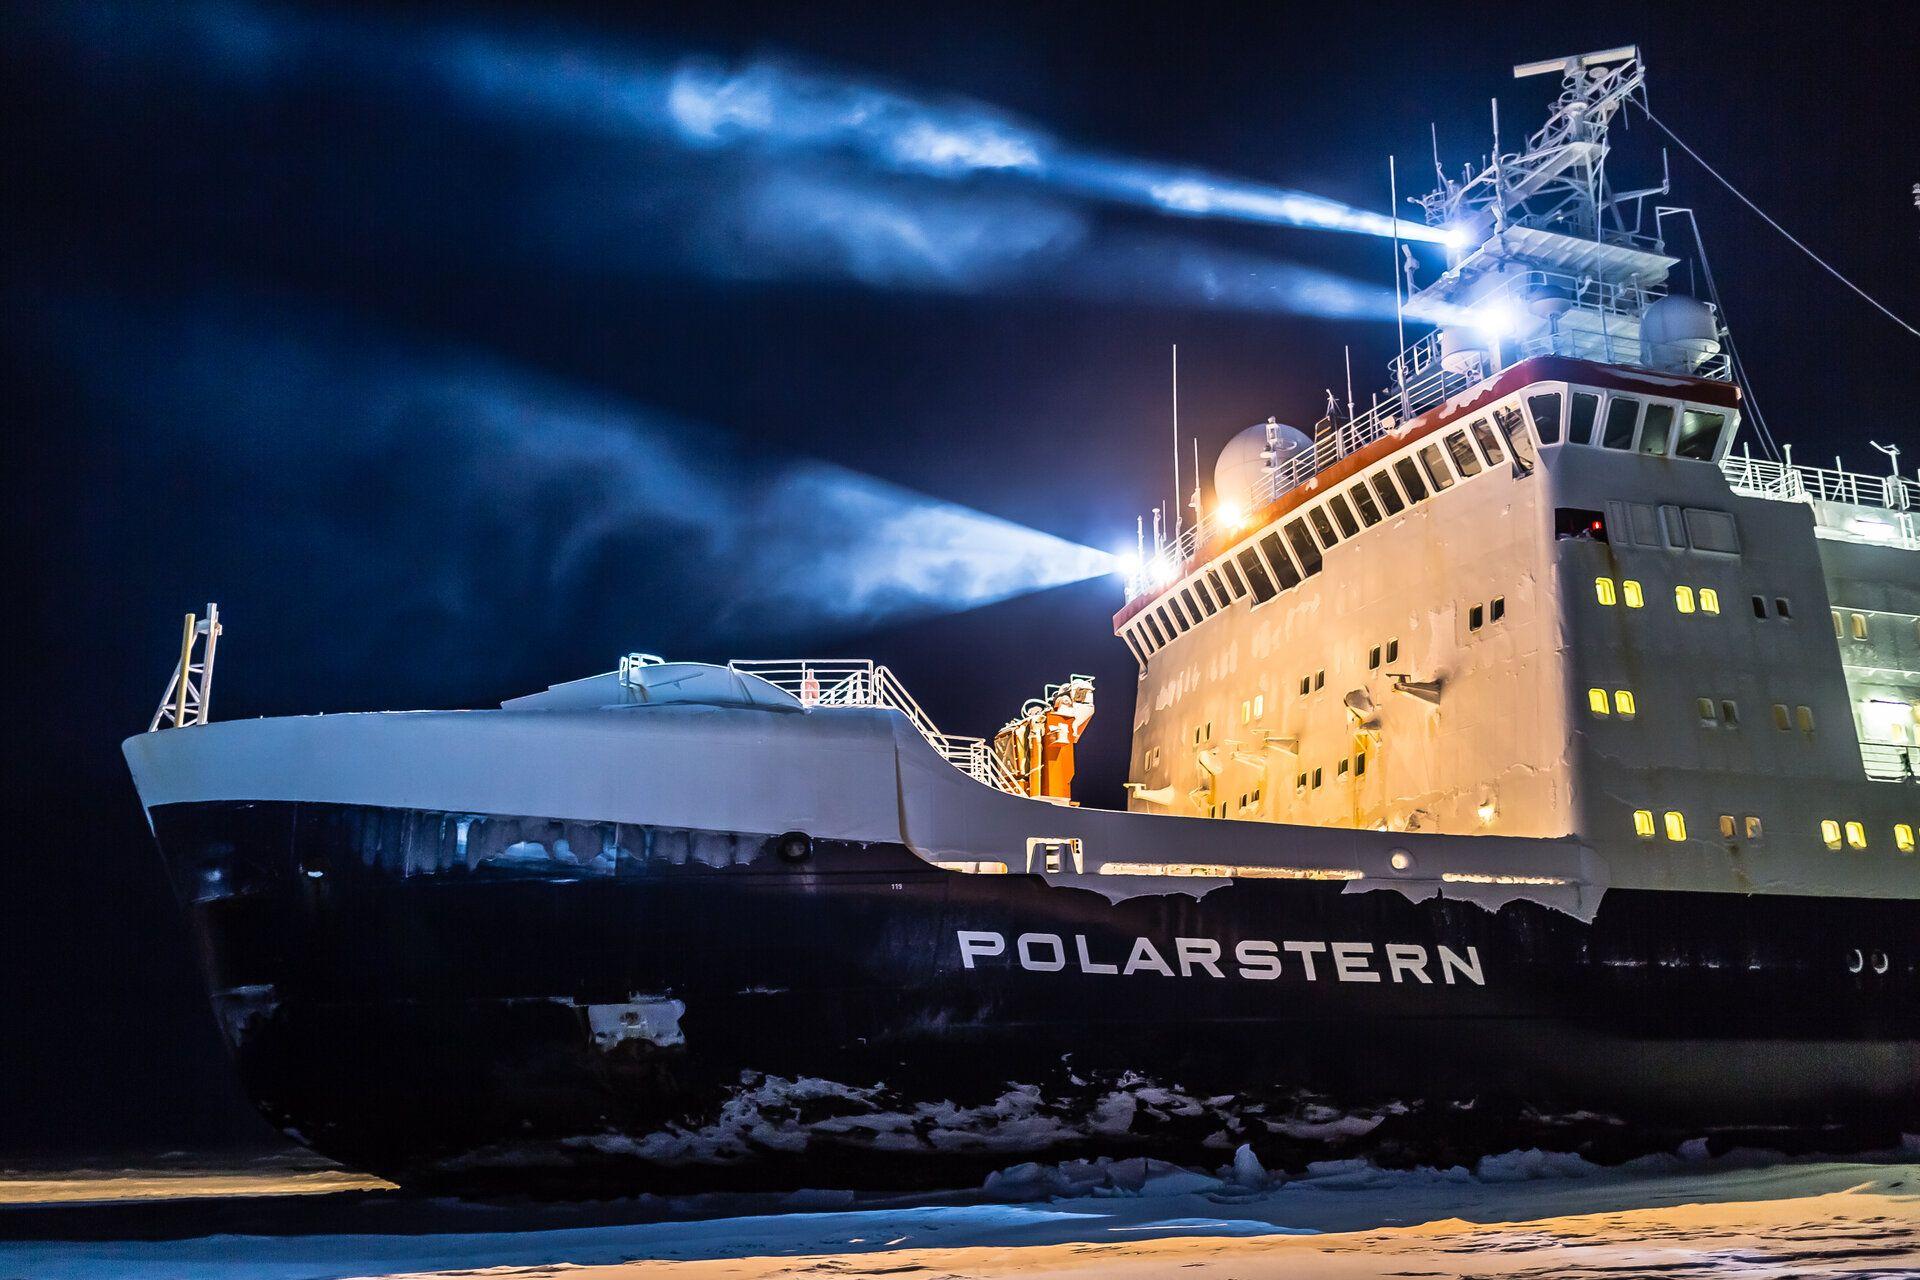 Polarstern - Willkommen zurück!